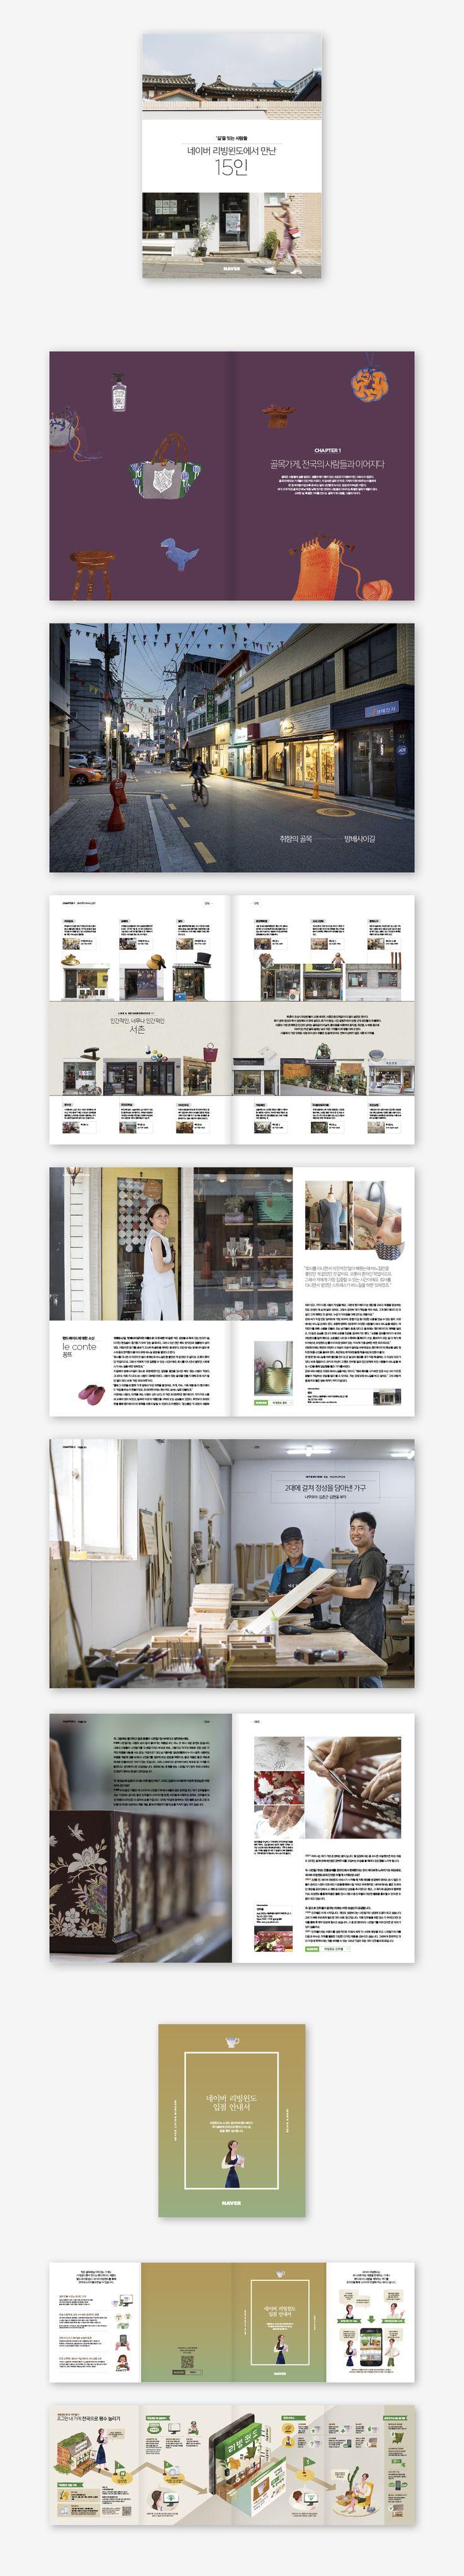 [네이버] 네이버 리빙윈도에서 만난 15인 | 203 × Design Studio